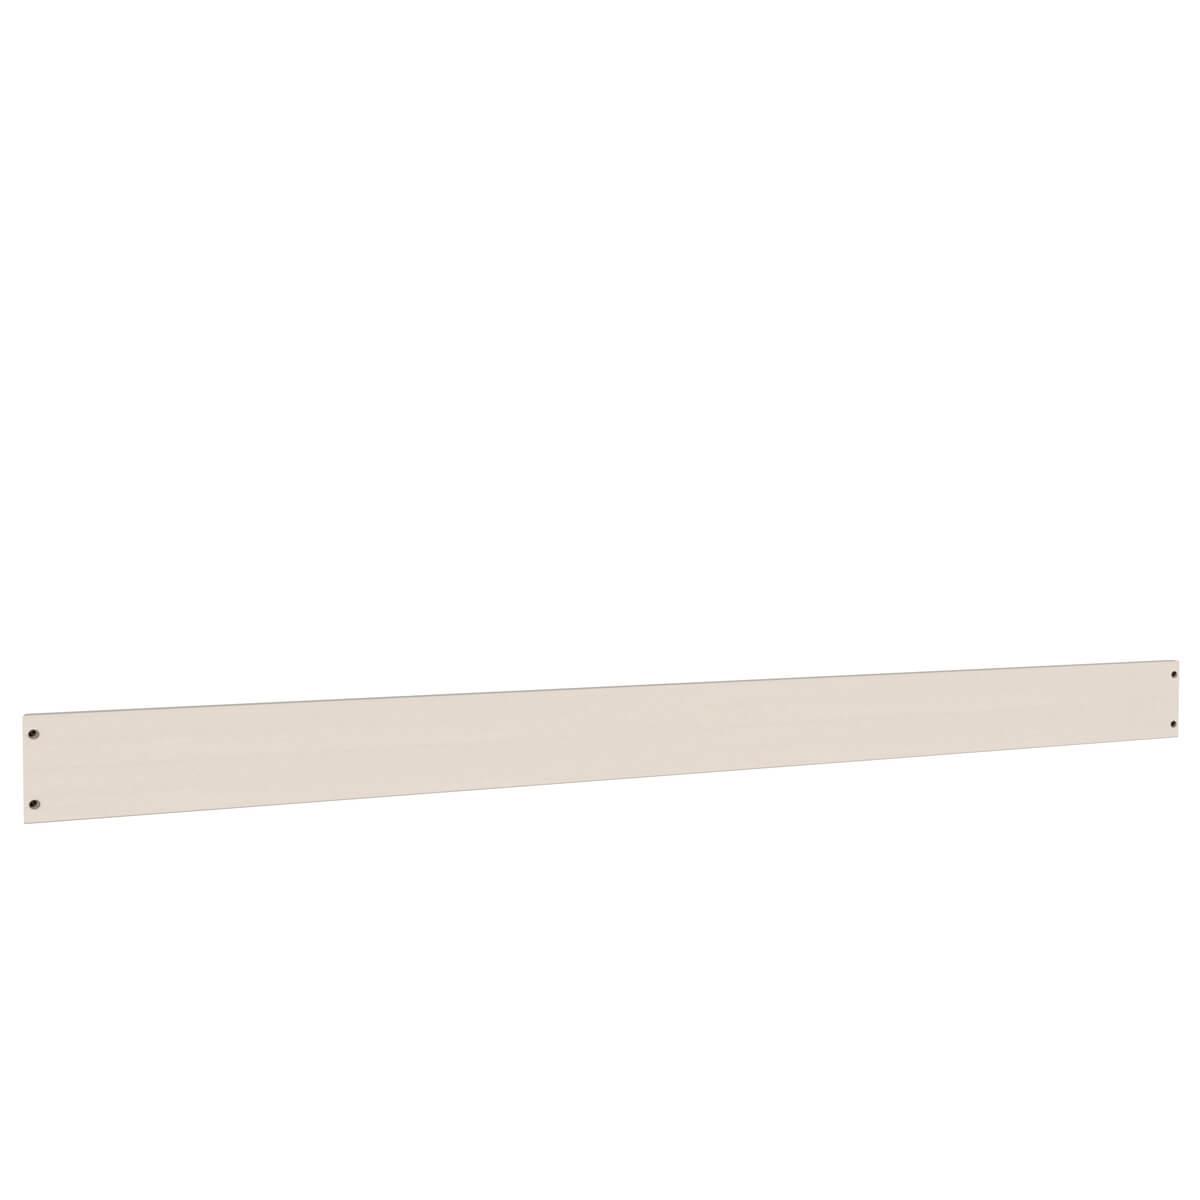 15er Zarge 200cm DESTYLE Debreuyn Buche massiv weiß gebeizt-lackiert